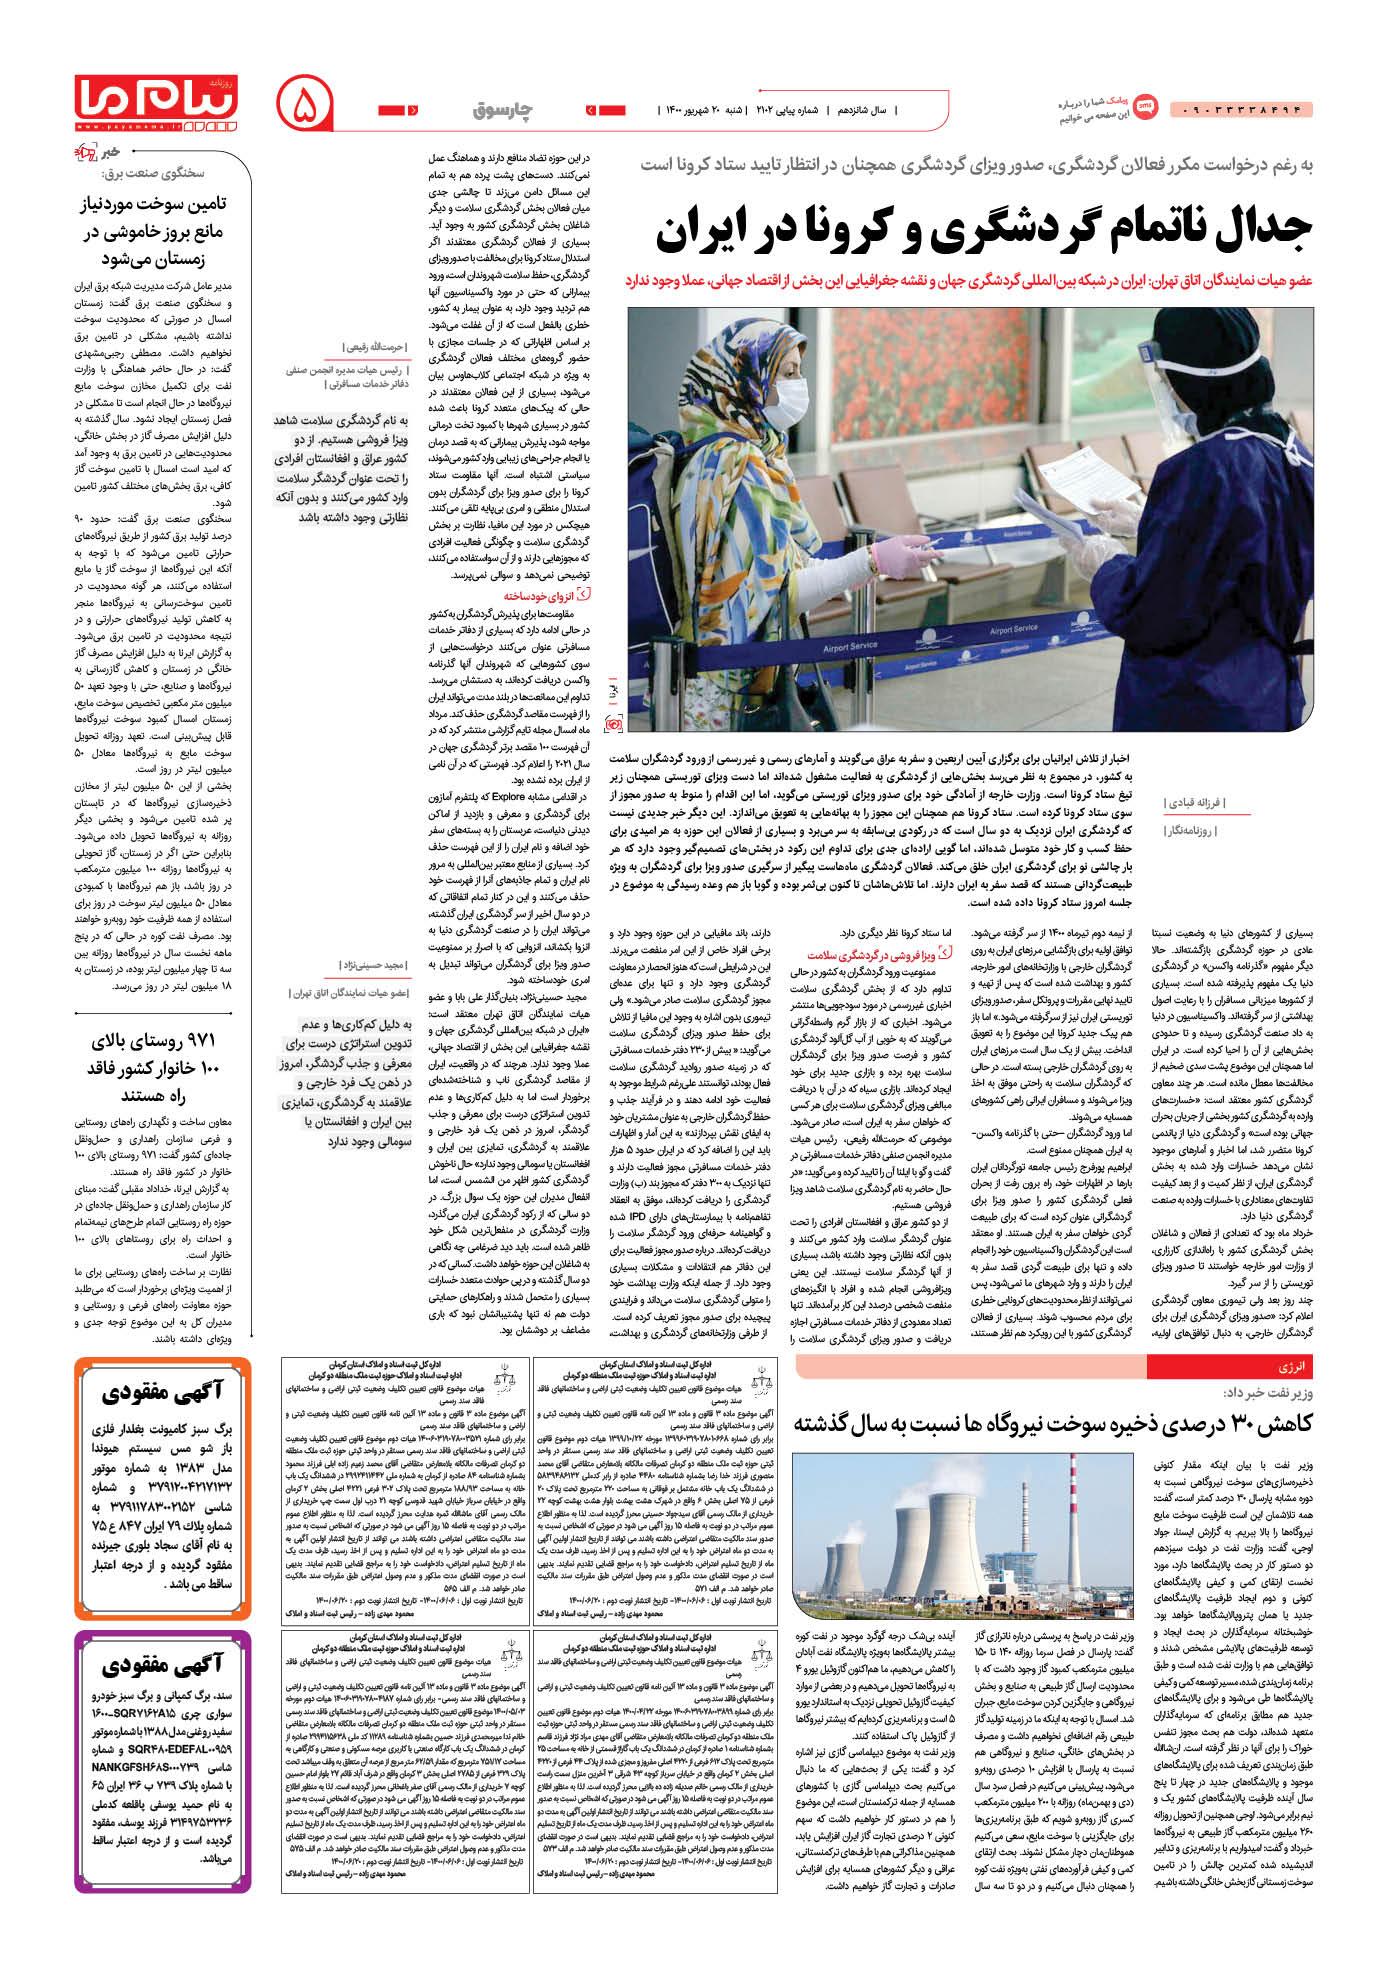 صفحه چارسوق شماره 2102 روزنامه پیام ما